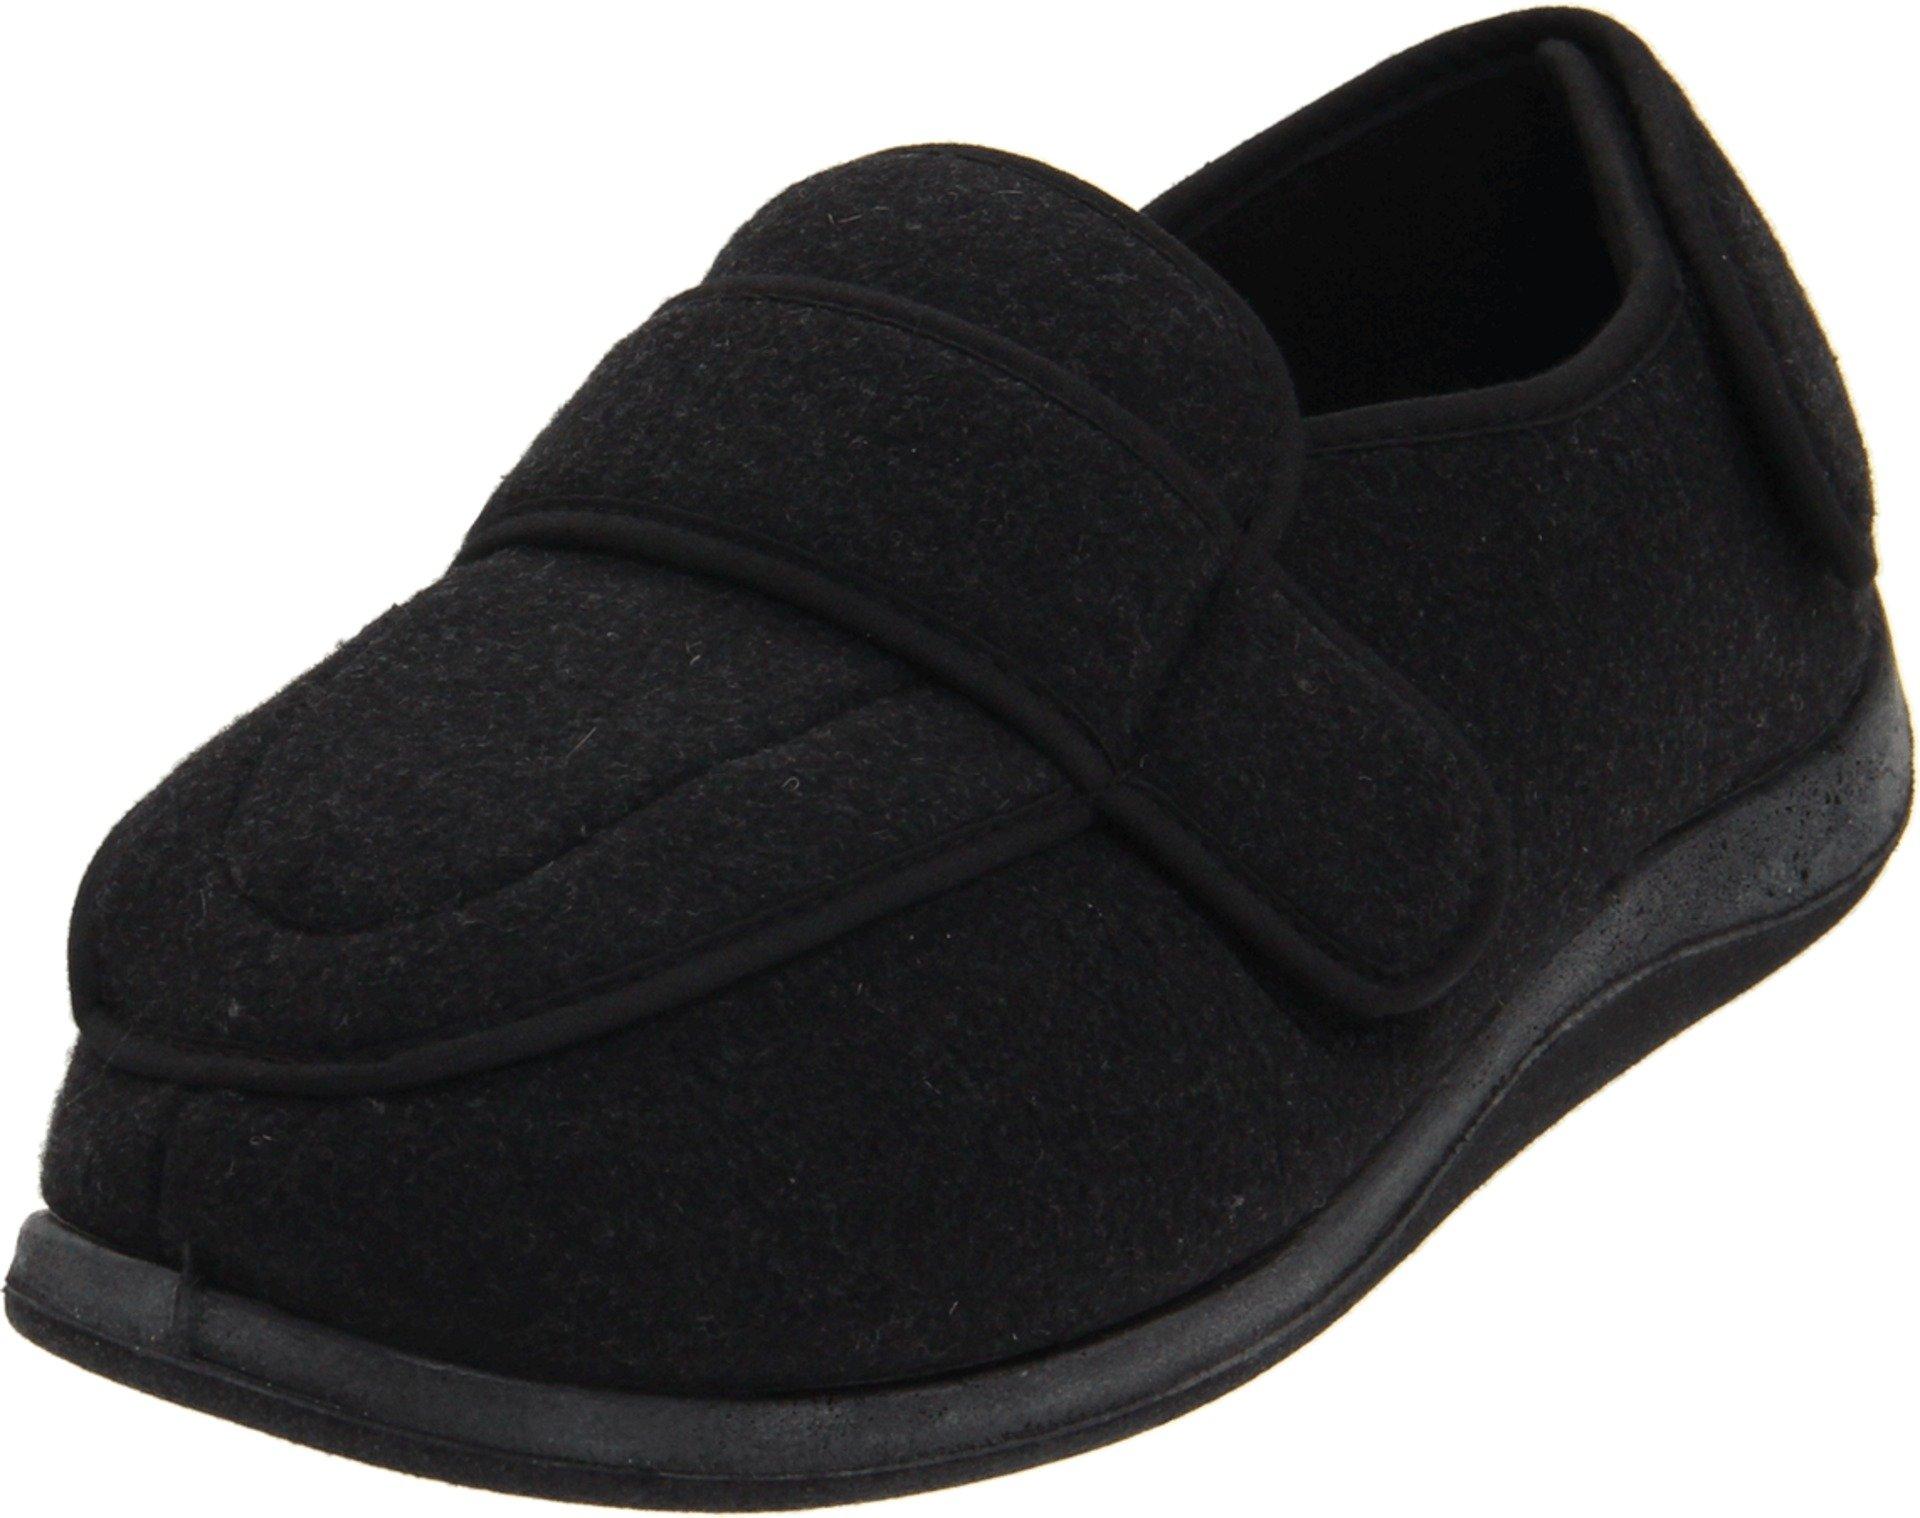 FoamtreadsWomen's Physician Slipper,Charcoal Wool,8.5 M US